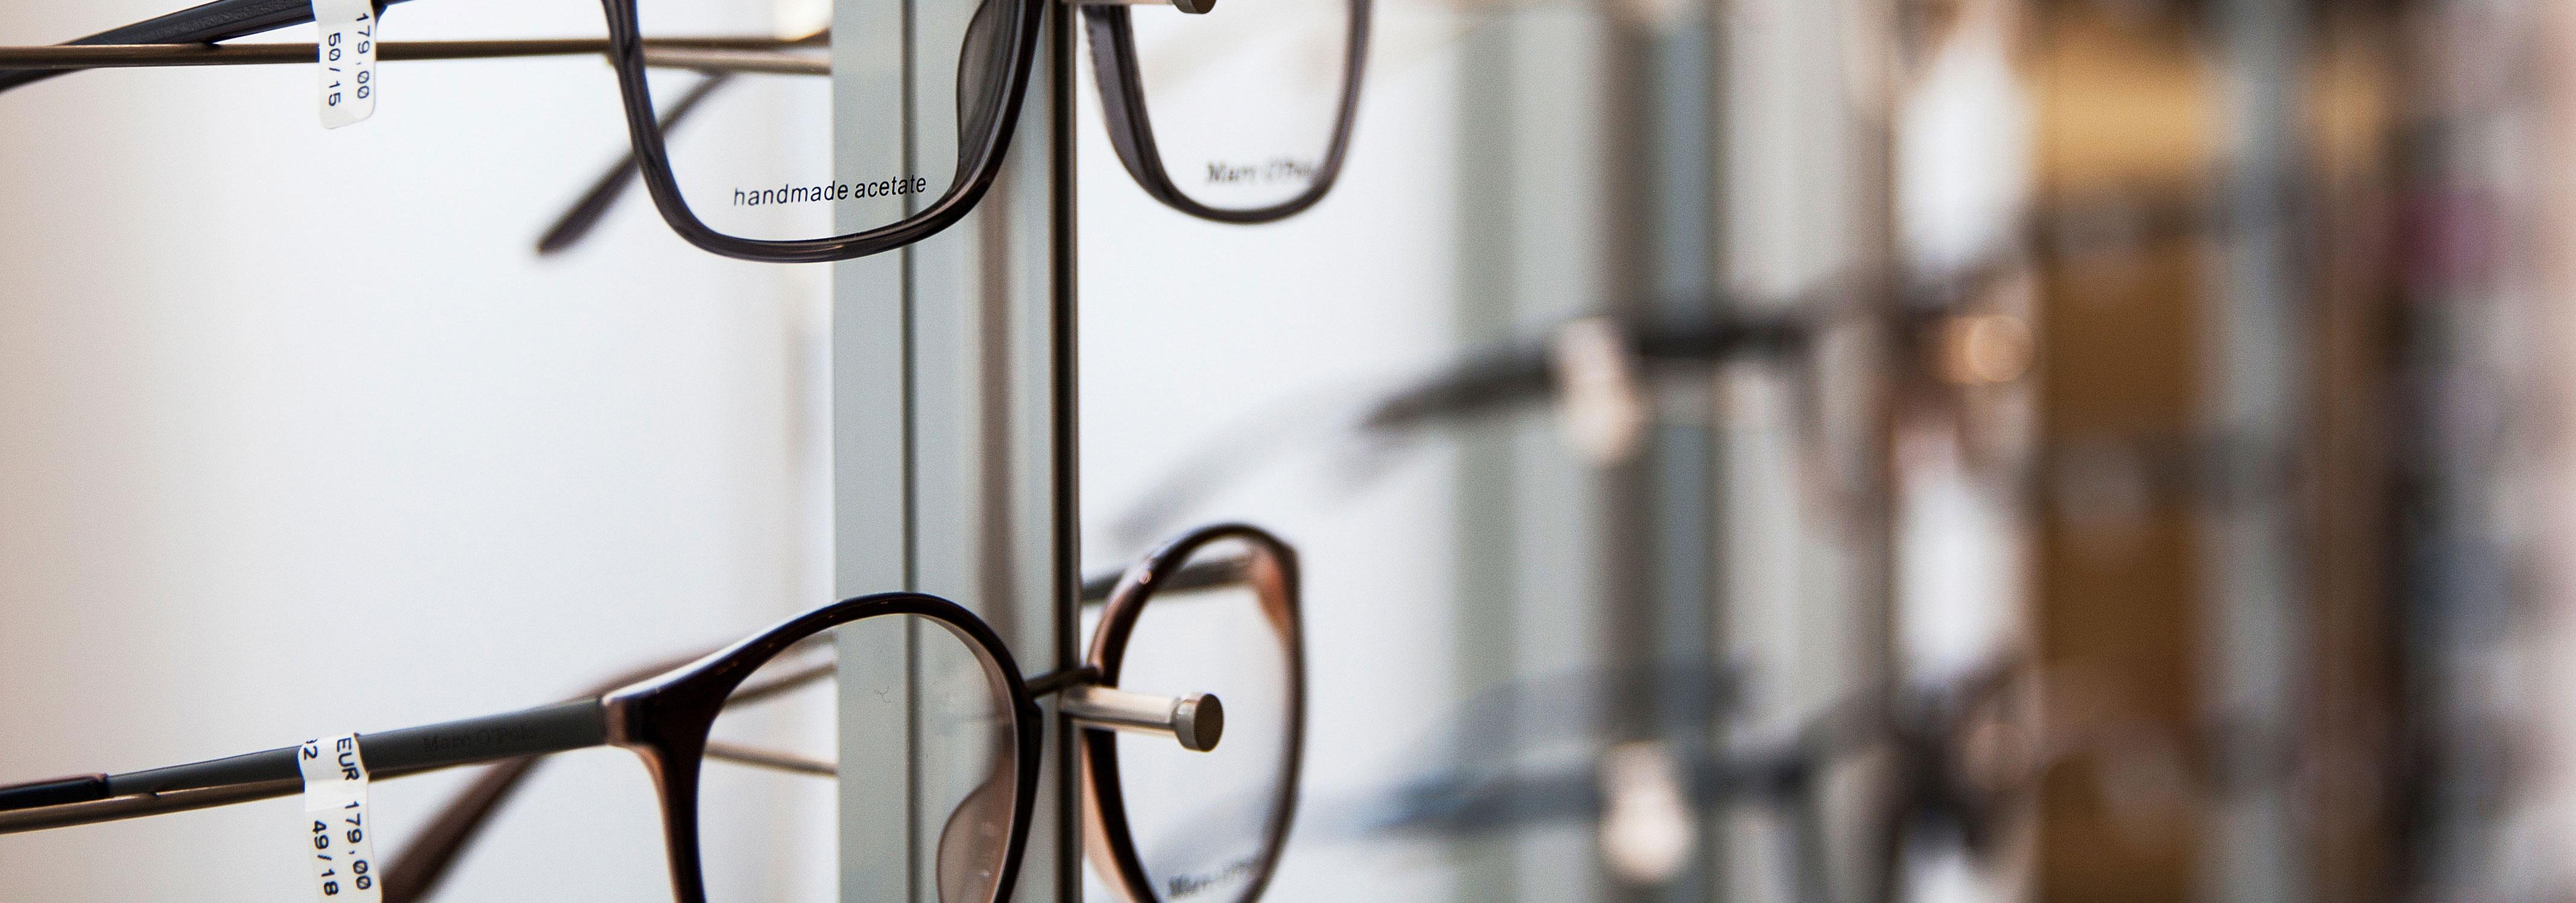 Brille-Detail-4k-schmal